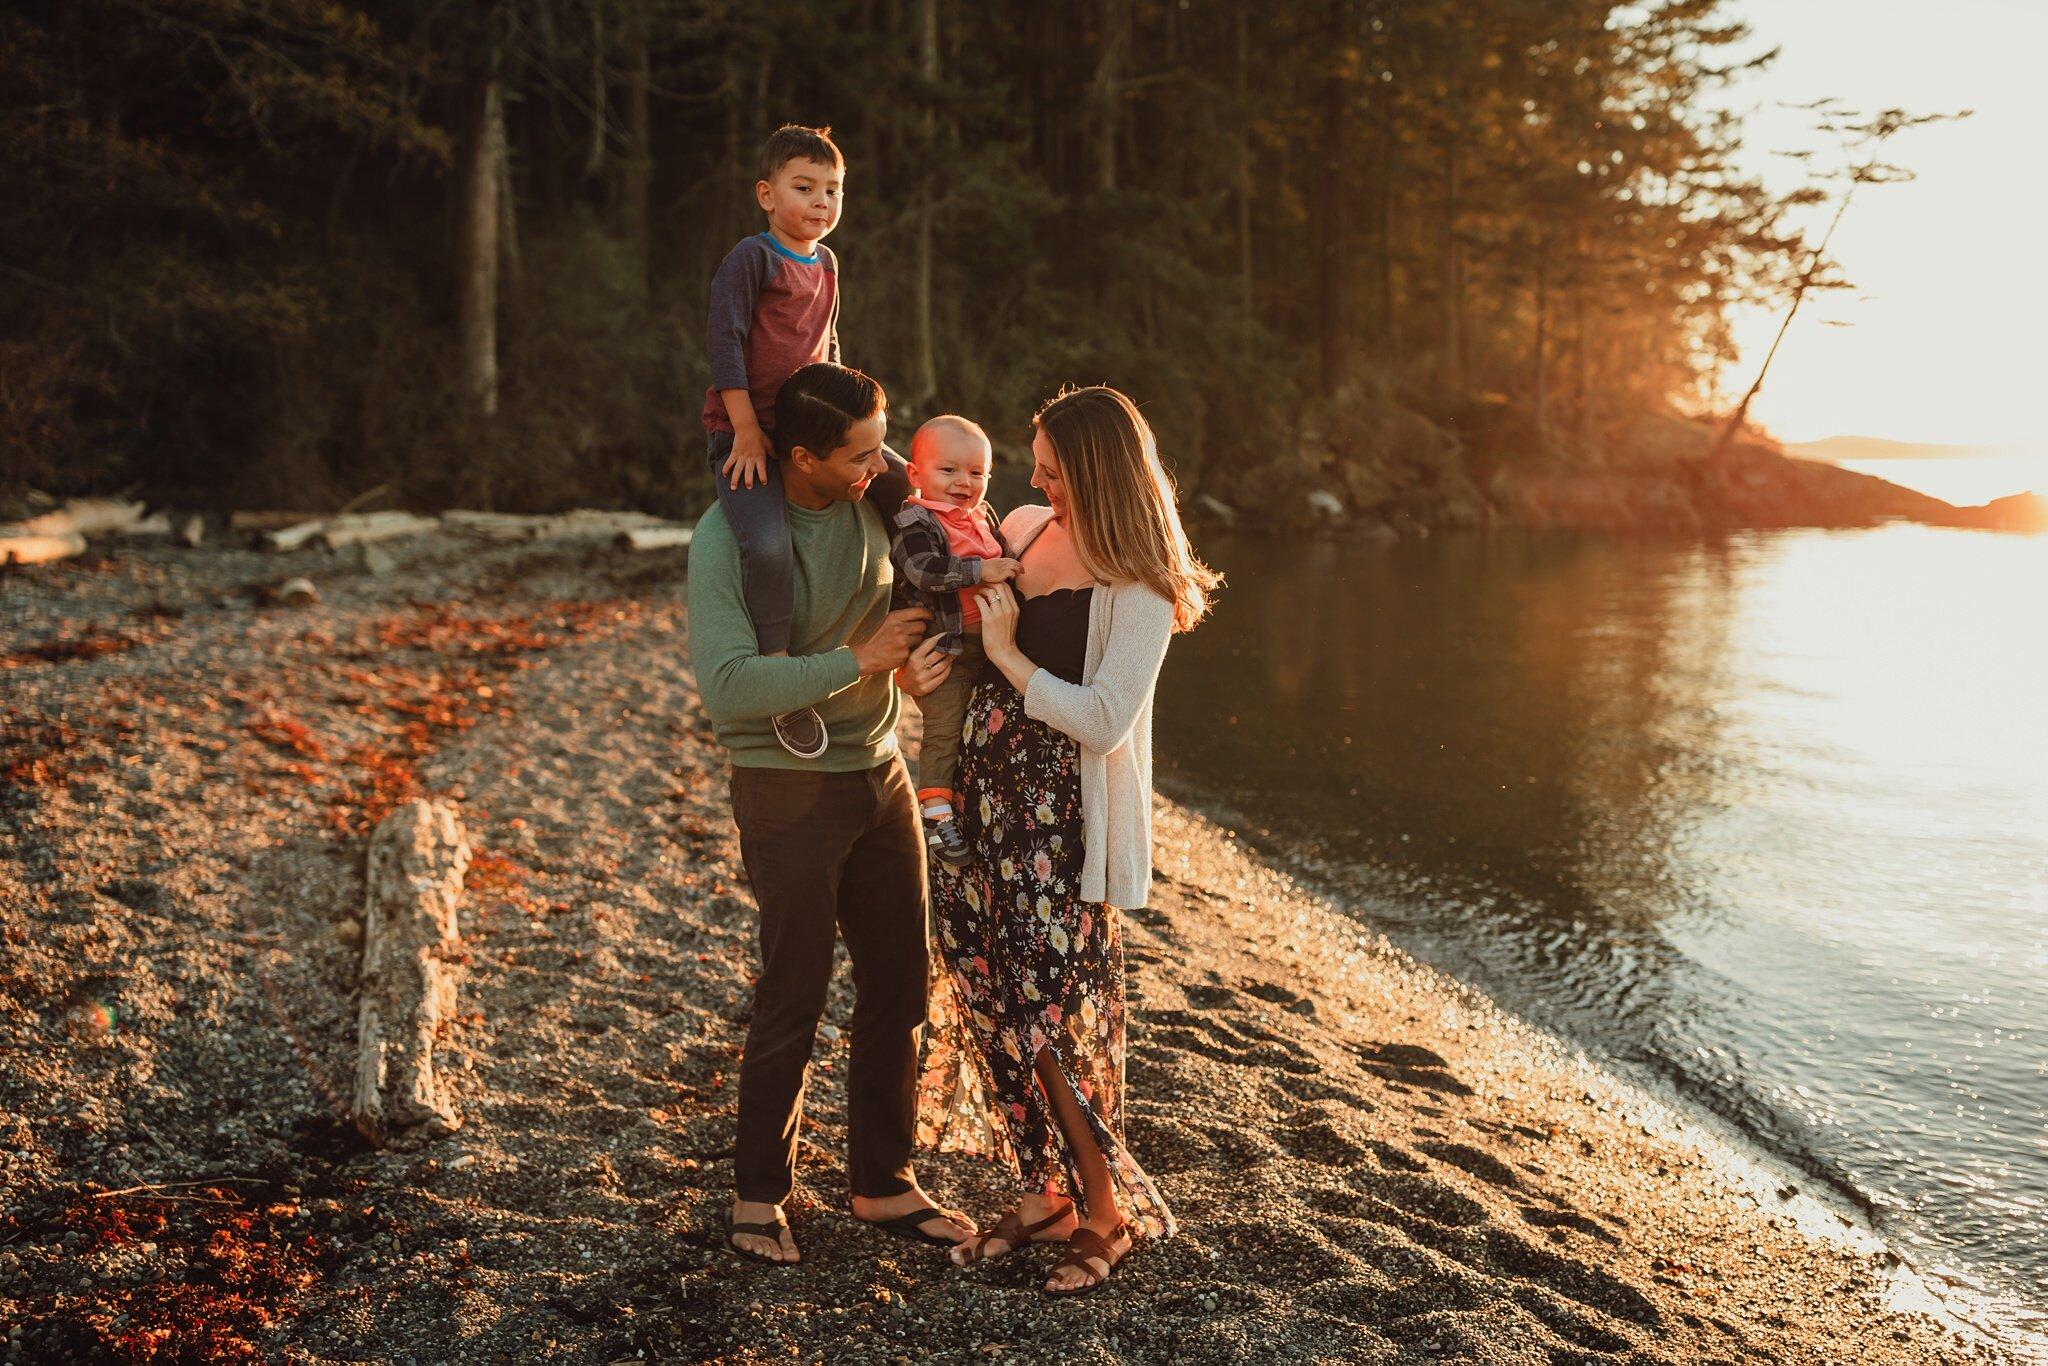 family photo session at Washington Park beach